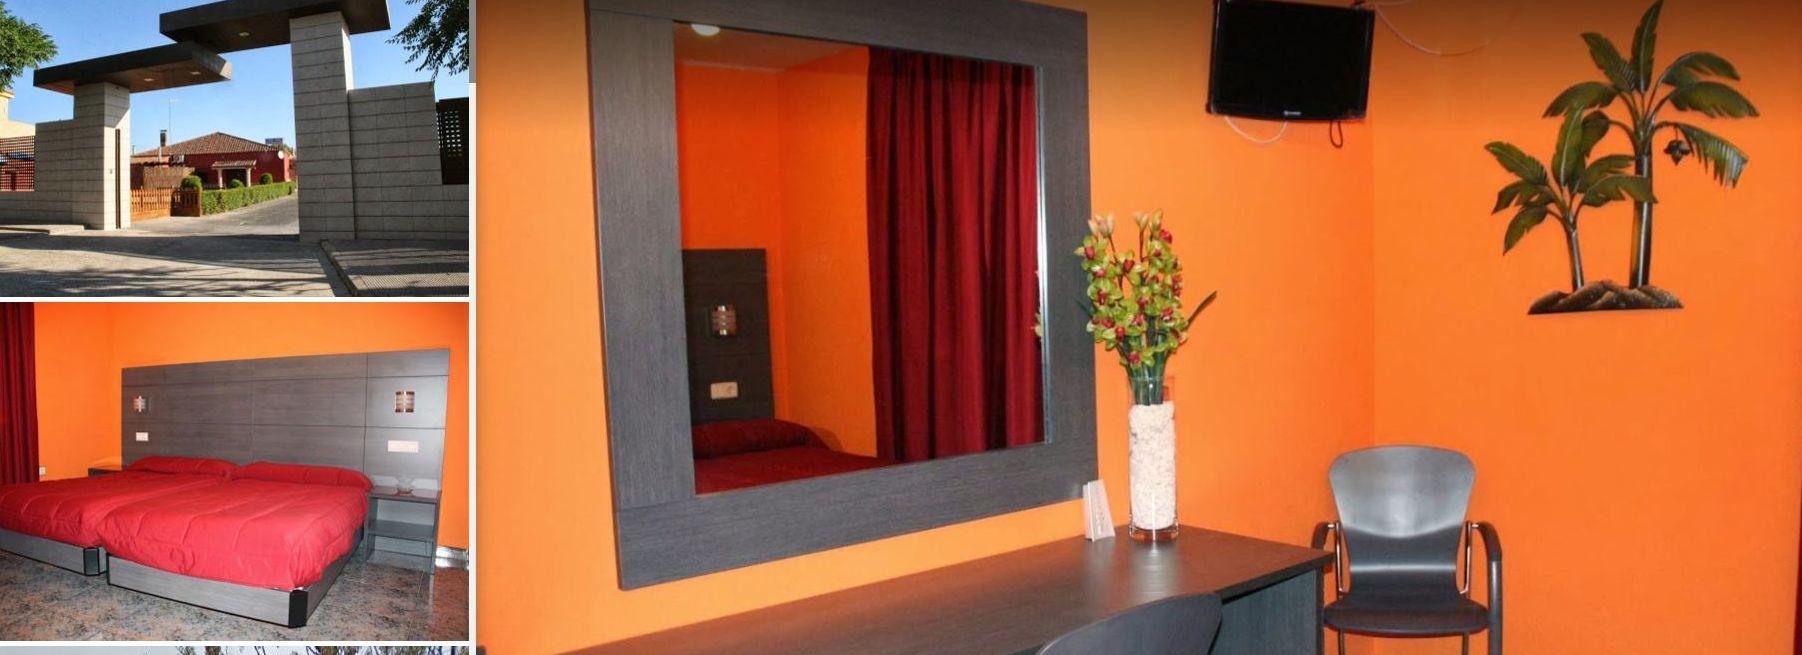 HABITACIONES DESDE 15 €: Instalaciones  de La Hacienda del Casar